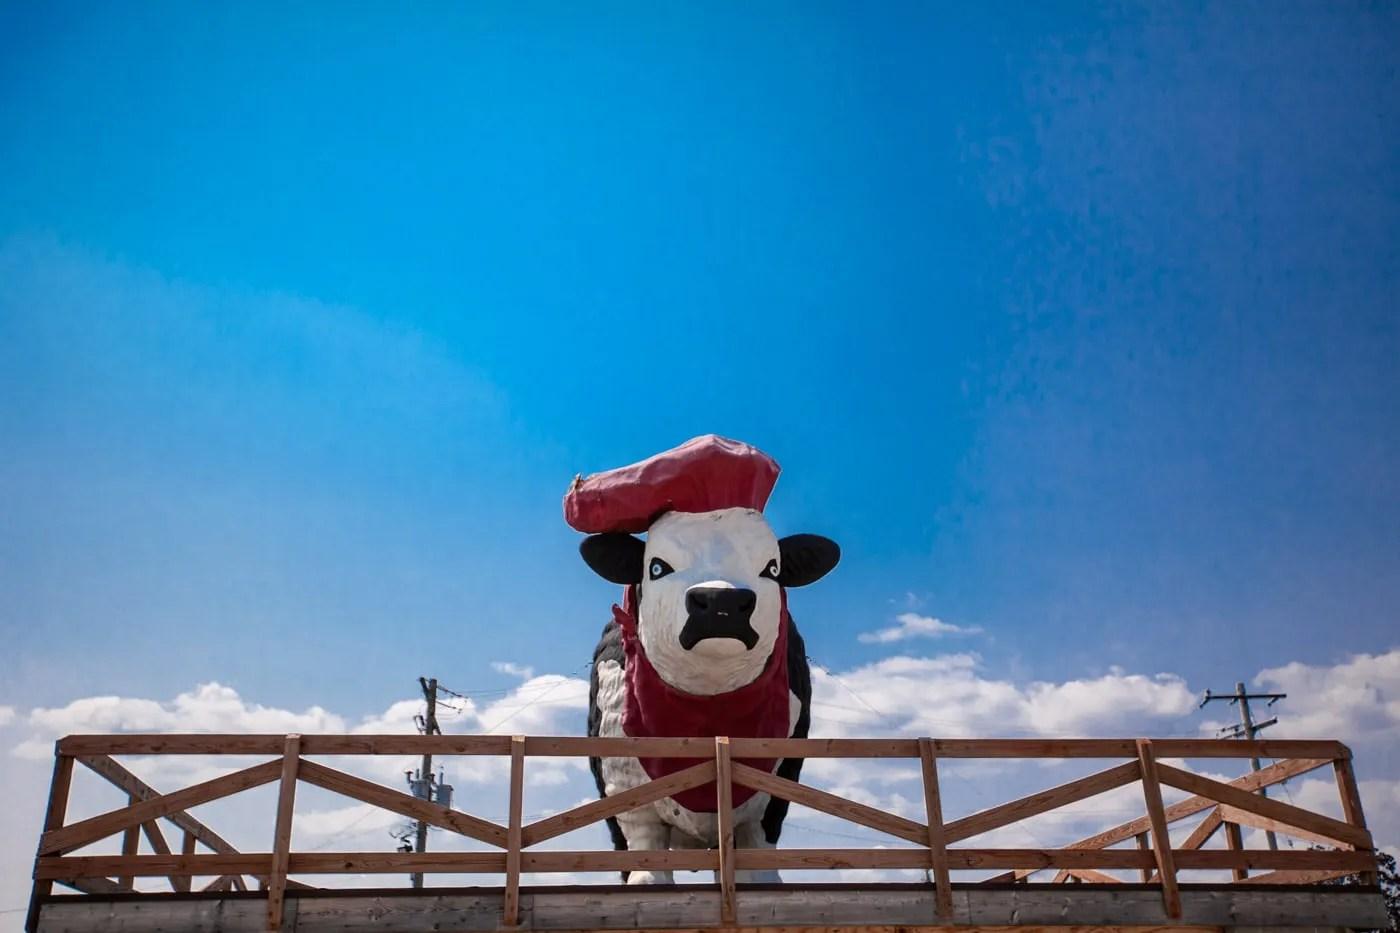 Big Steer in Milwaukee, Wisconsin